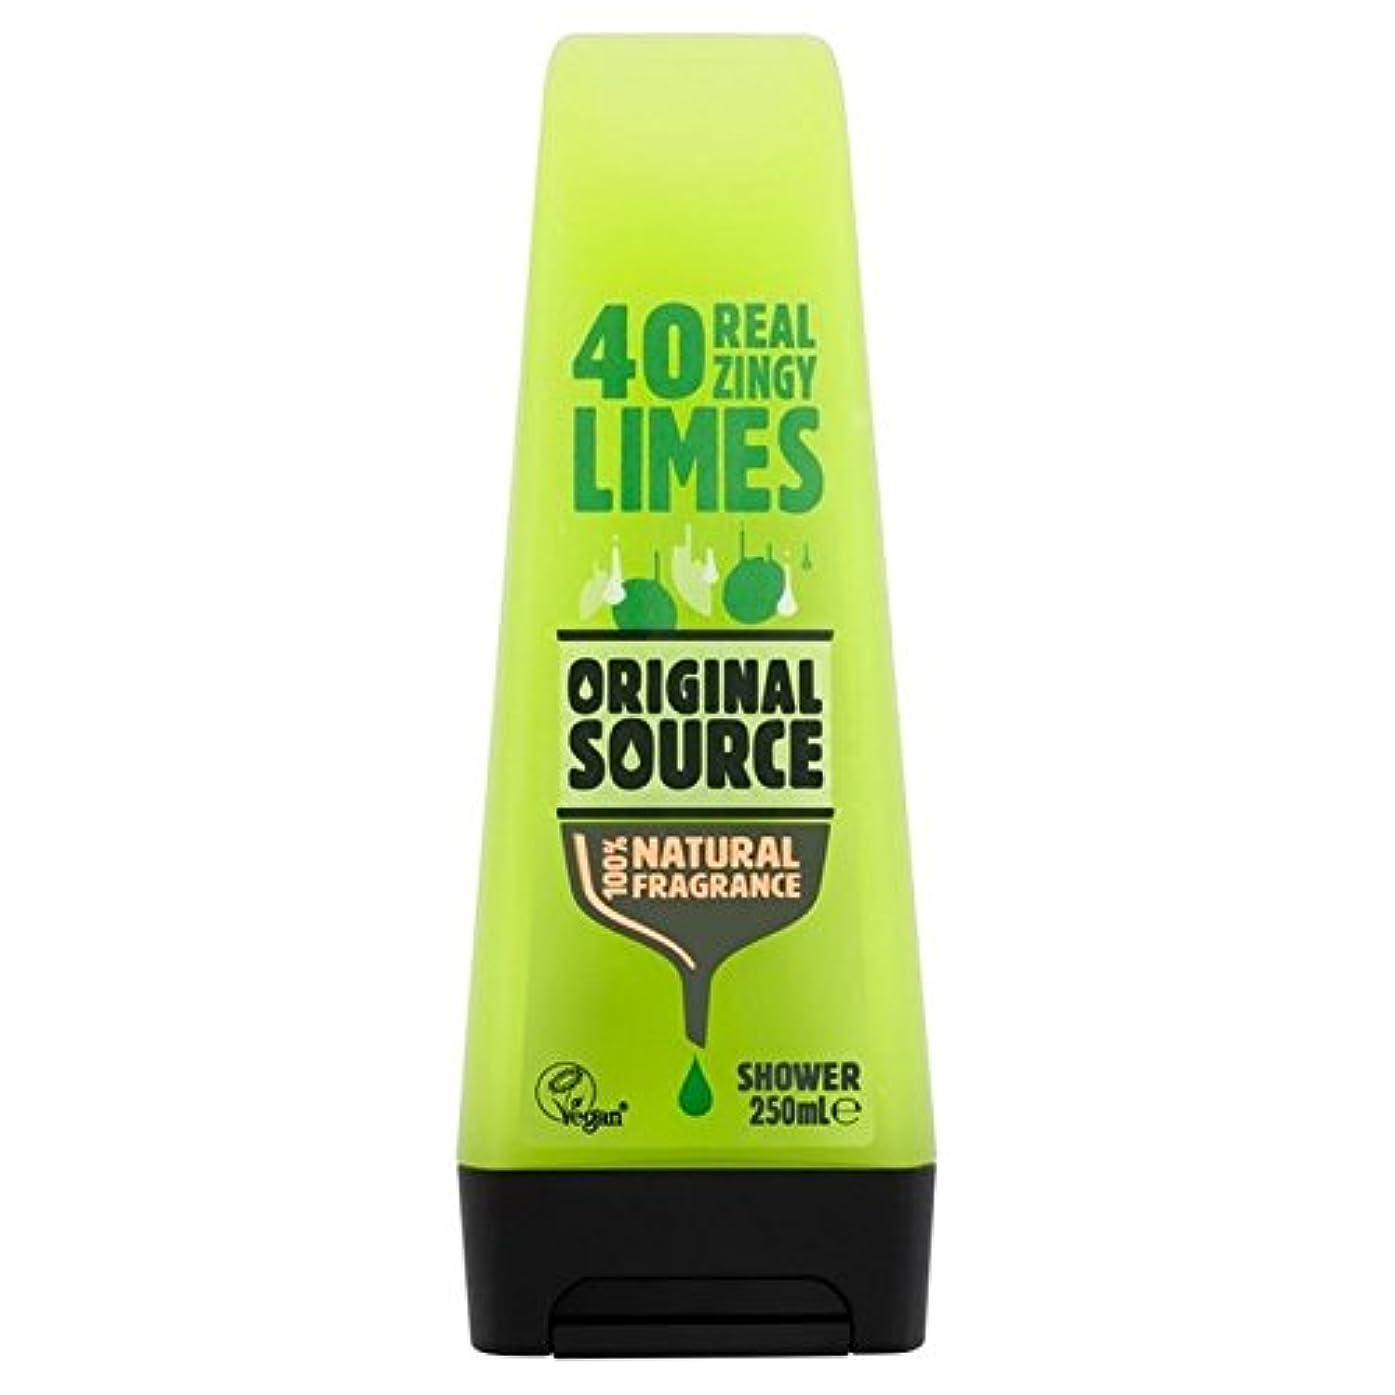 前提条件びんアクロバットOriginal Source Lime Shower Gel 250ml (Pack of 6) - 元のソースライムシャワージェル250ミリリットル x6 [並行輸入品]